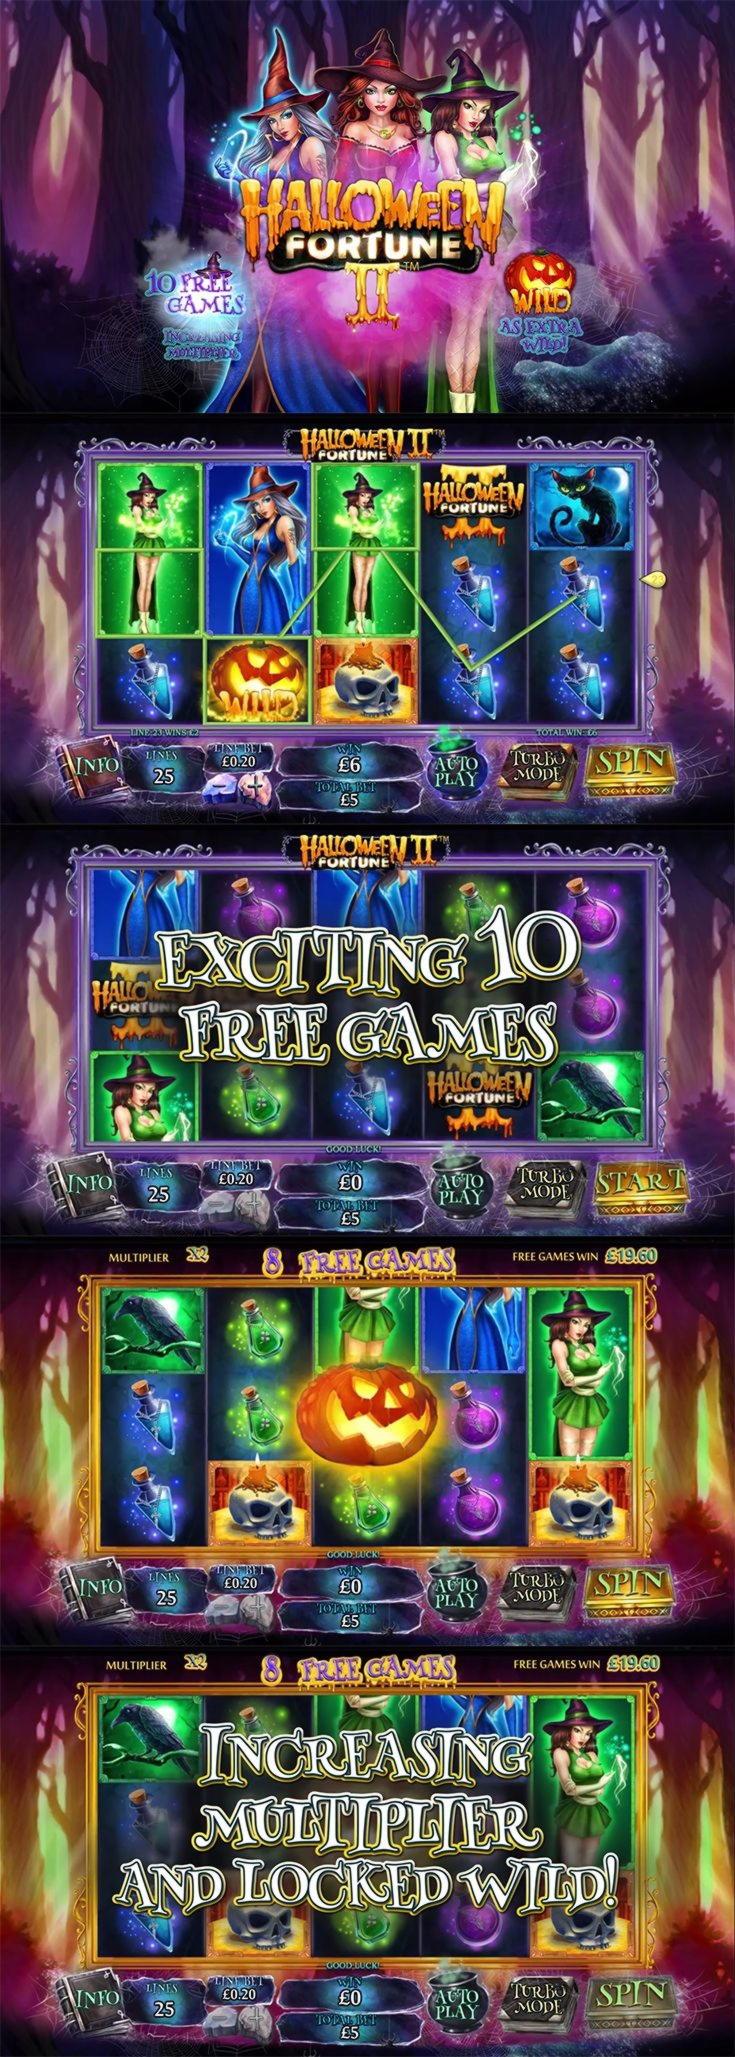 155 مجاني يدور كازينو في Casino-X